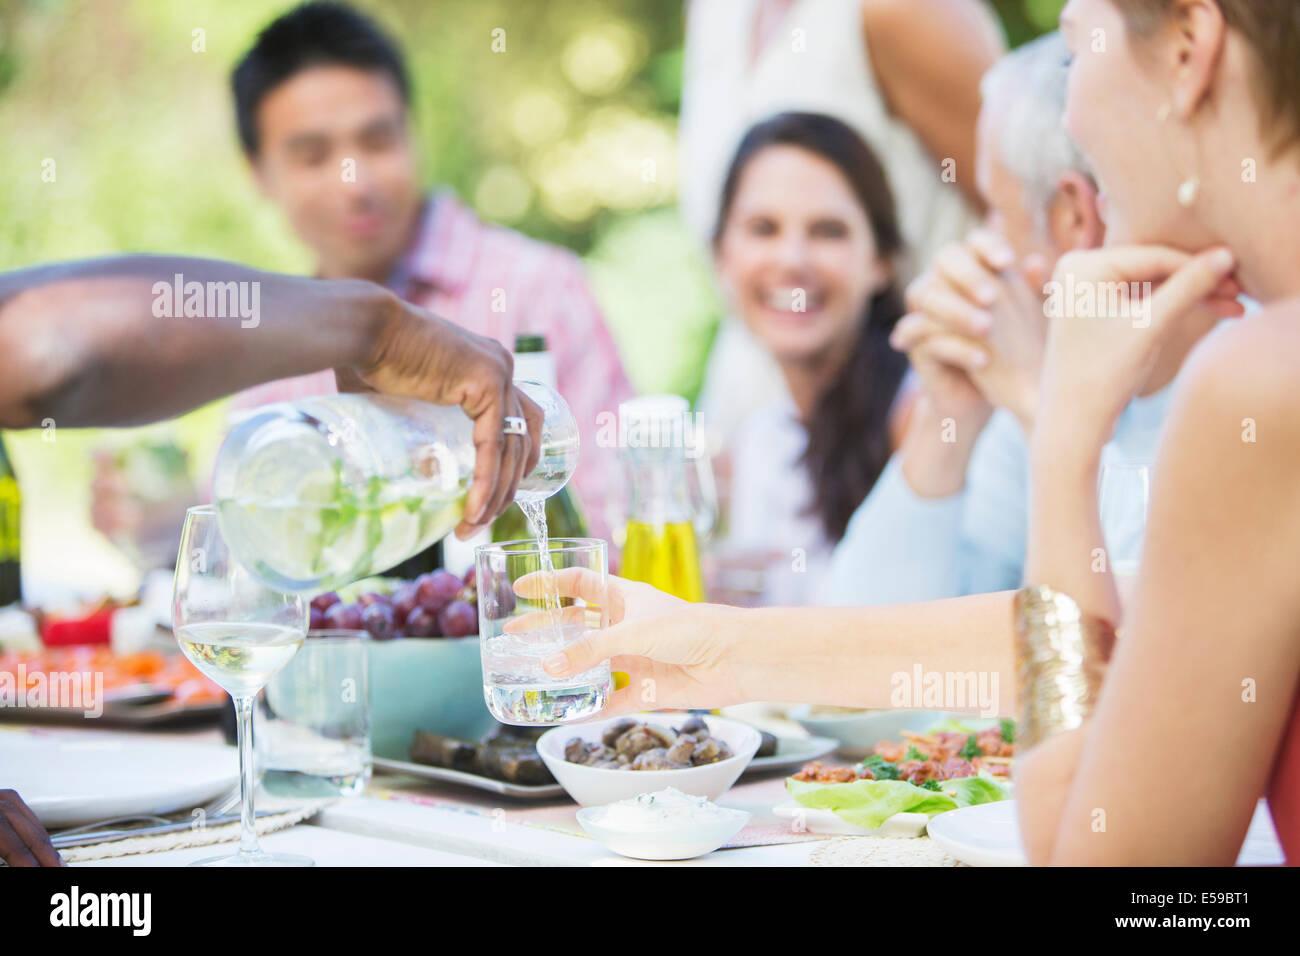 Amigos comer juntos al aire libre Imagen De Stock